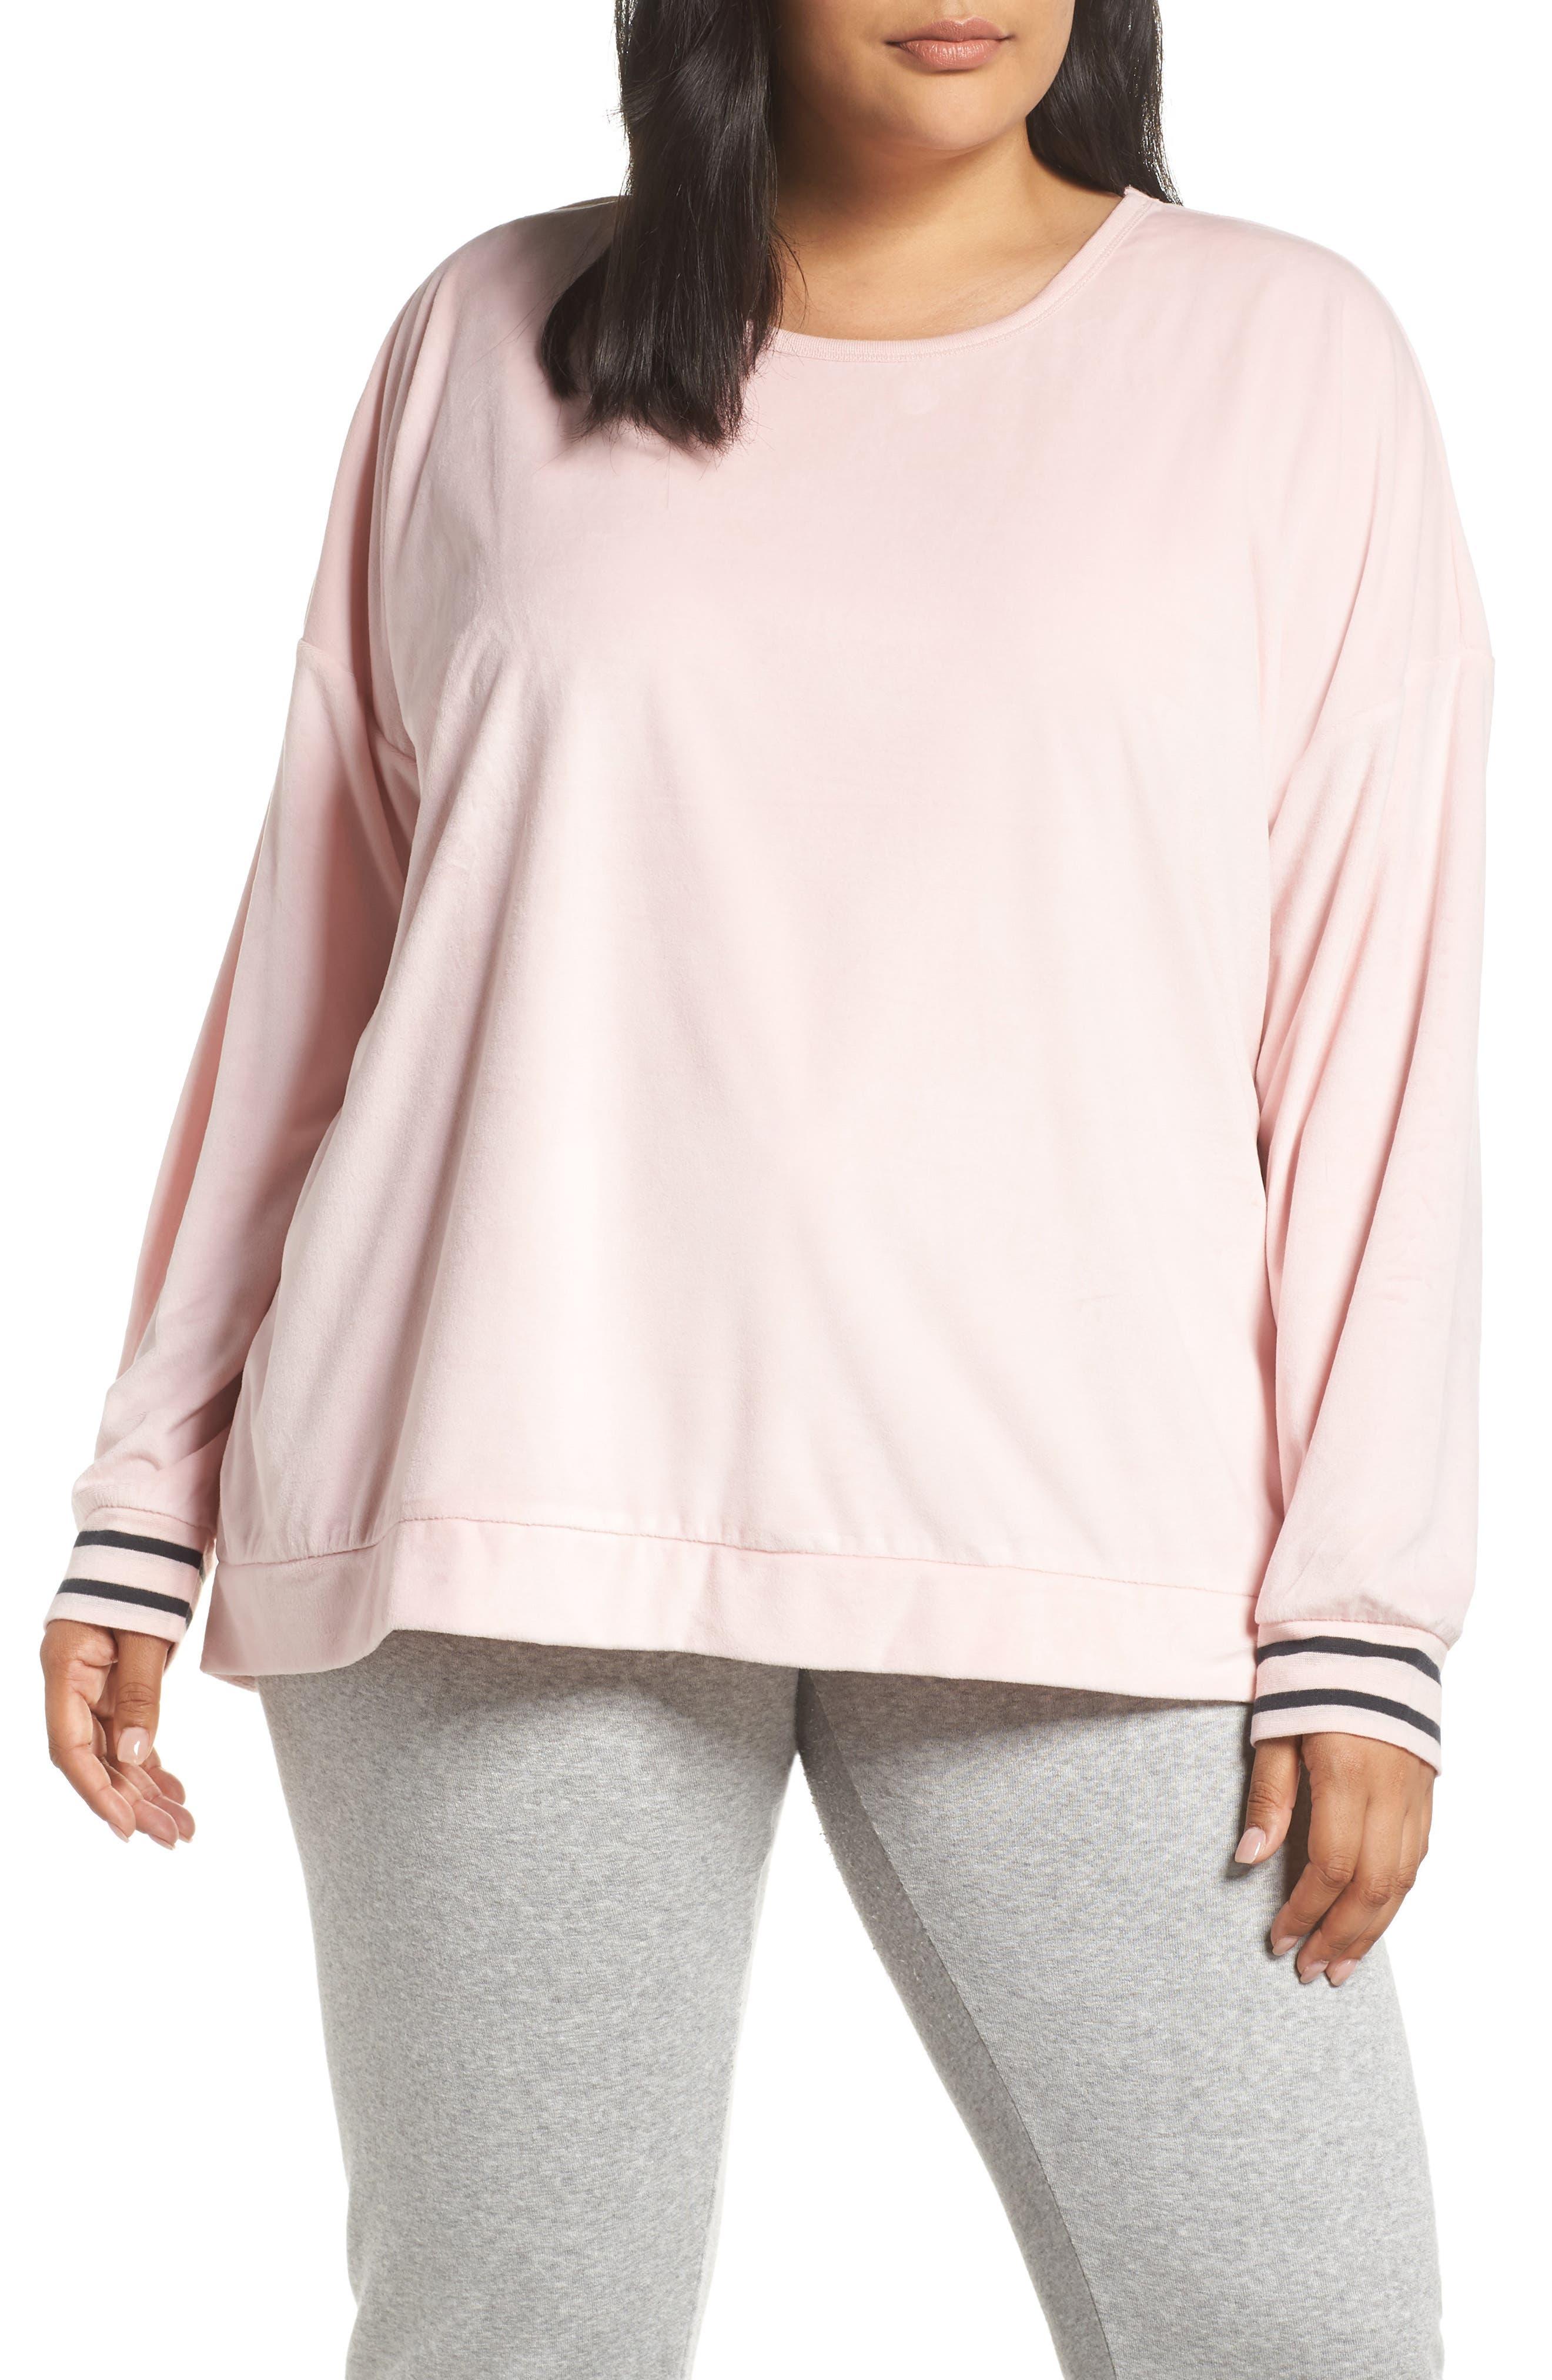 Plus Size Pj Salvage Velour Pajama Top